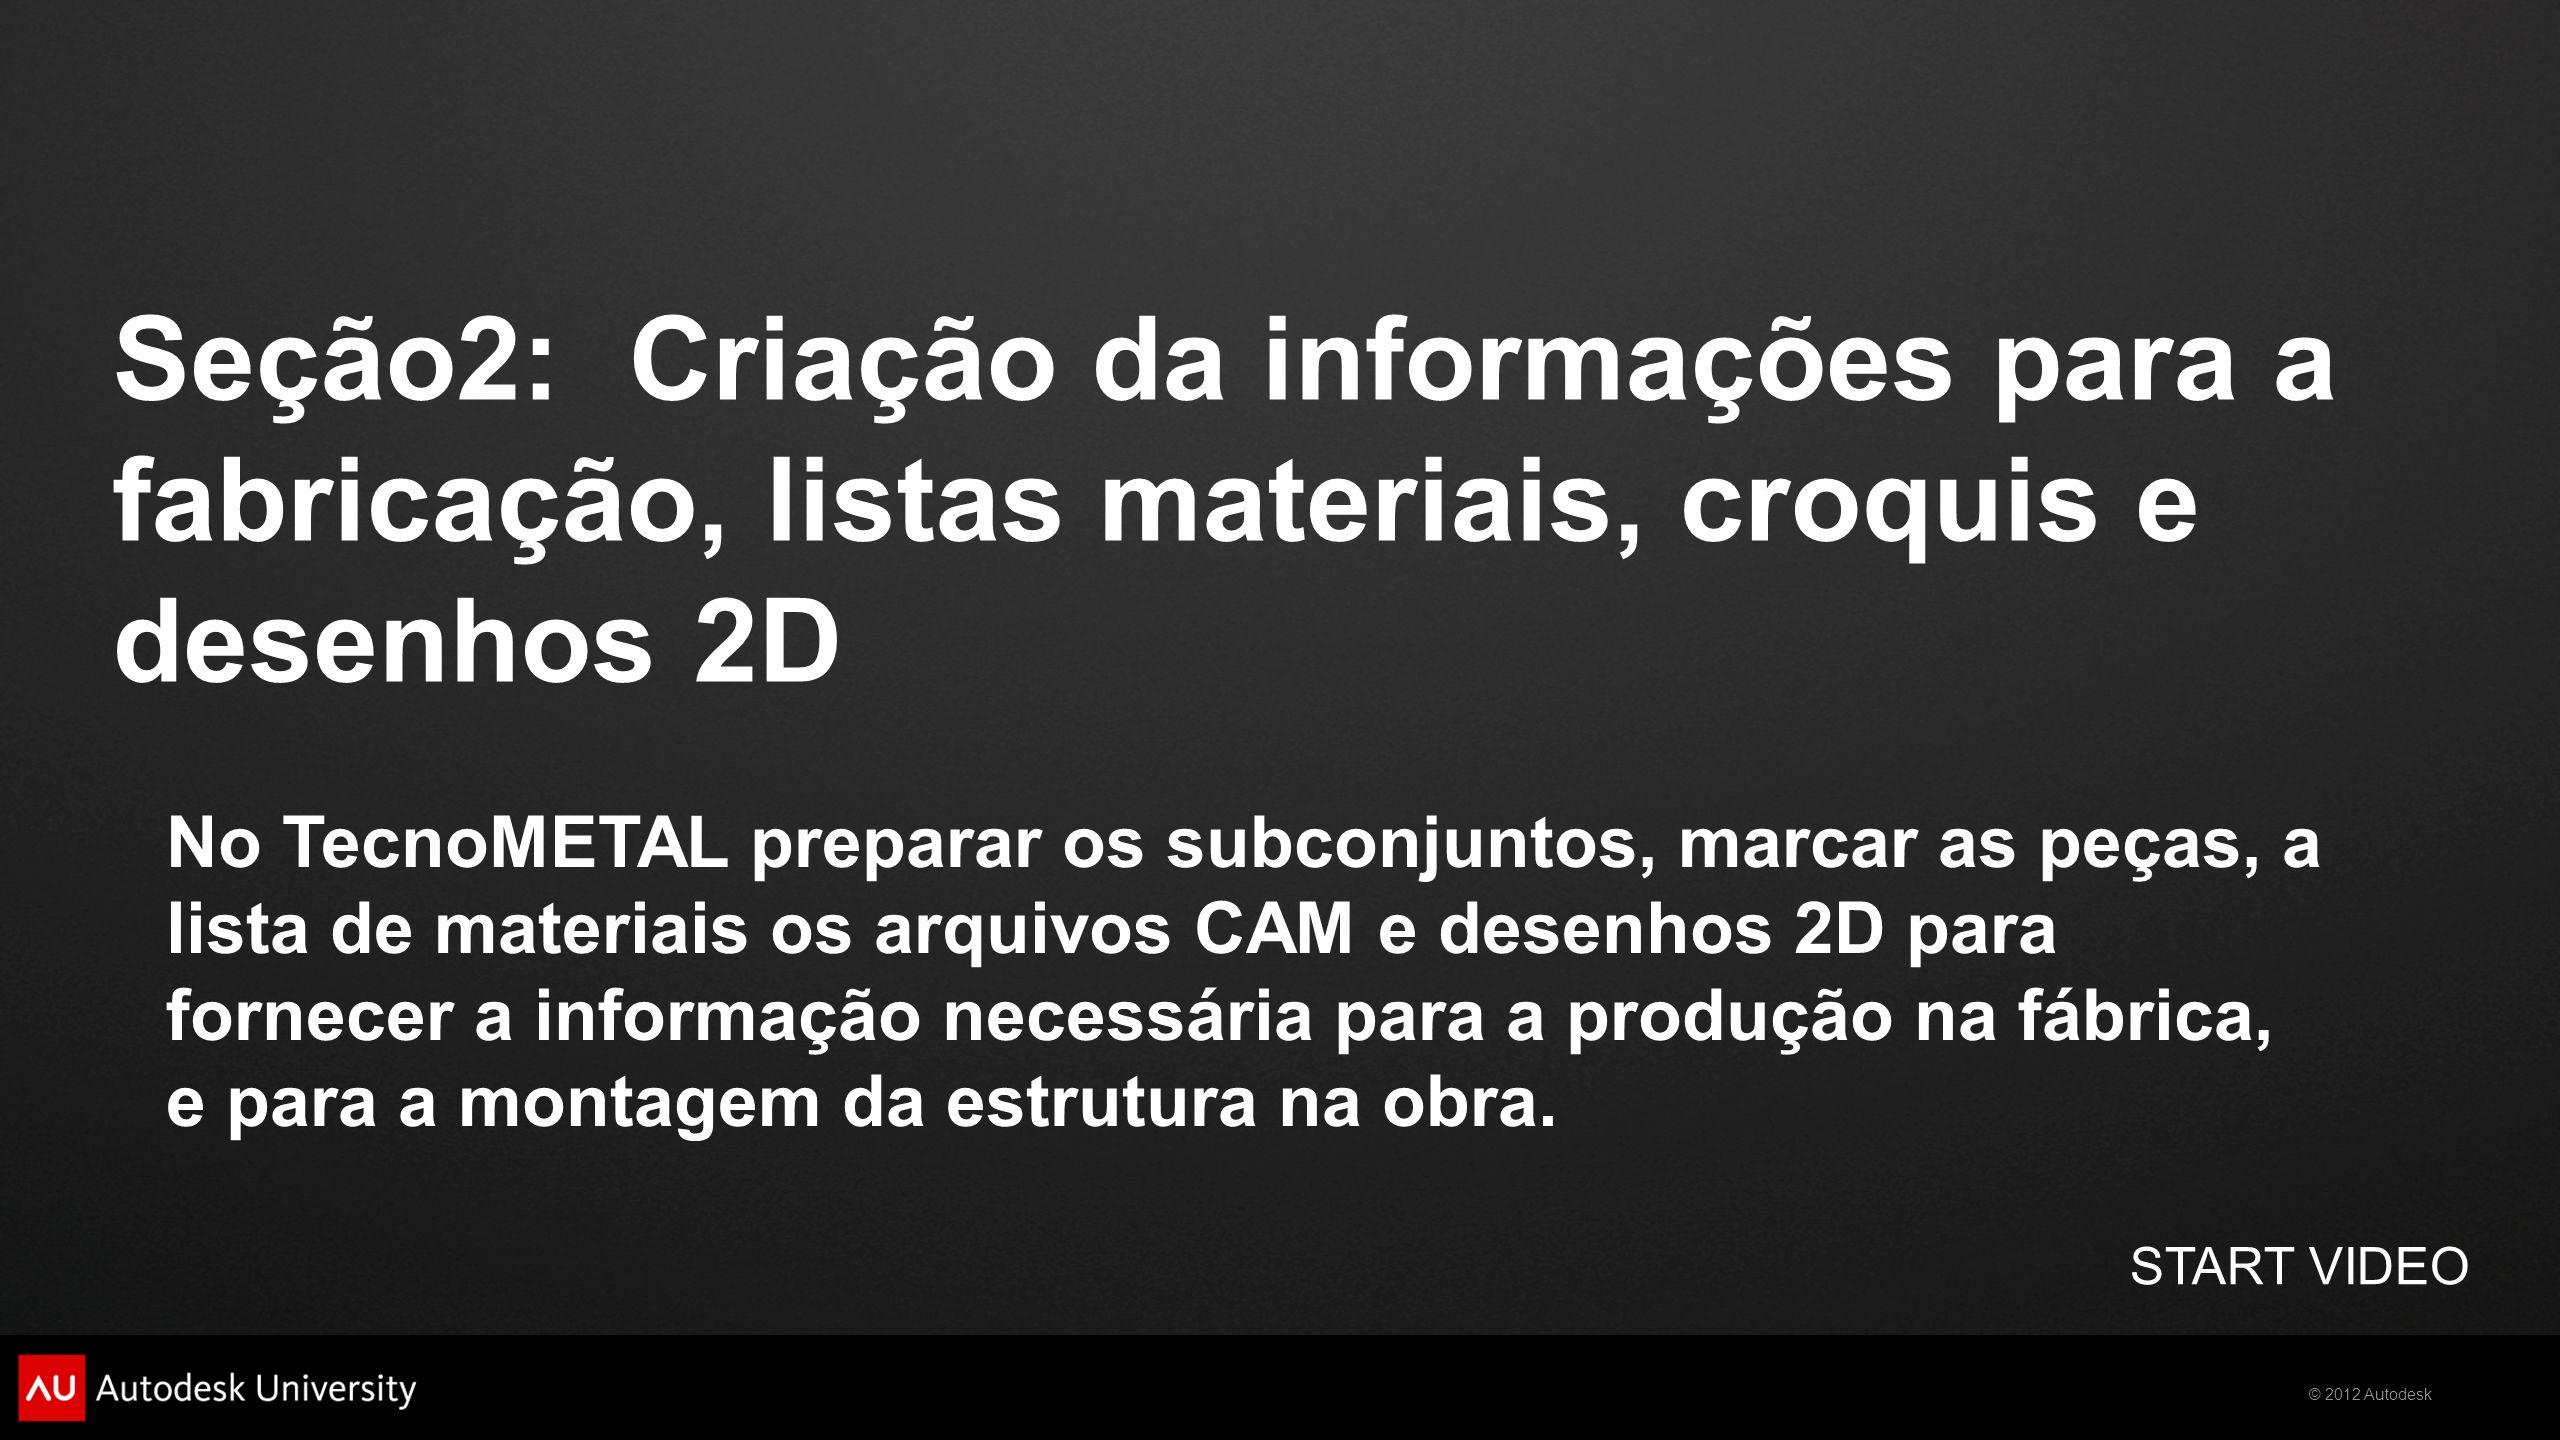 Seção2: Criação da informações para a fabricação, listas materiais, croquis e desenhos 2D